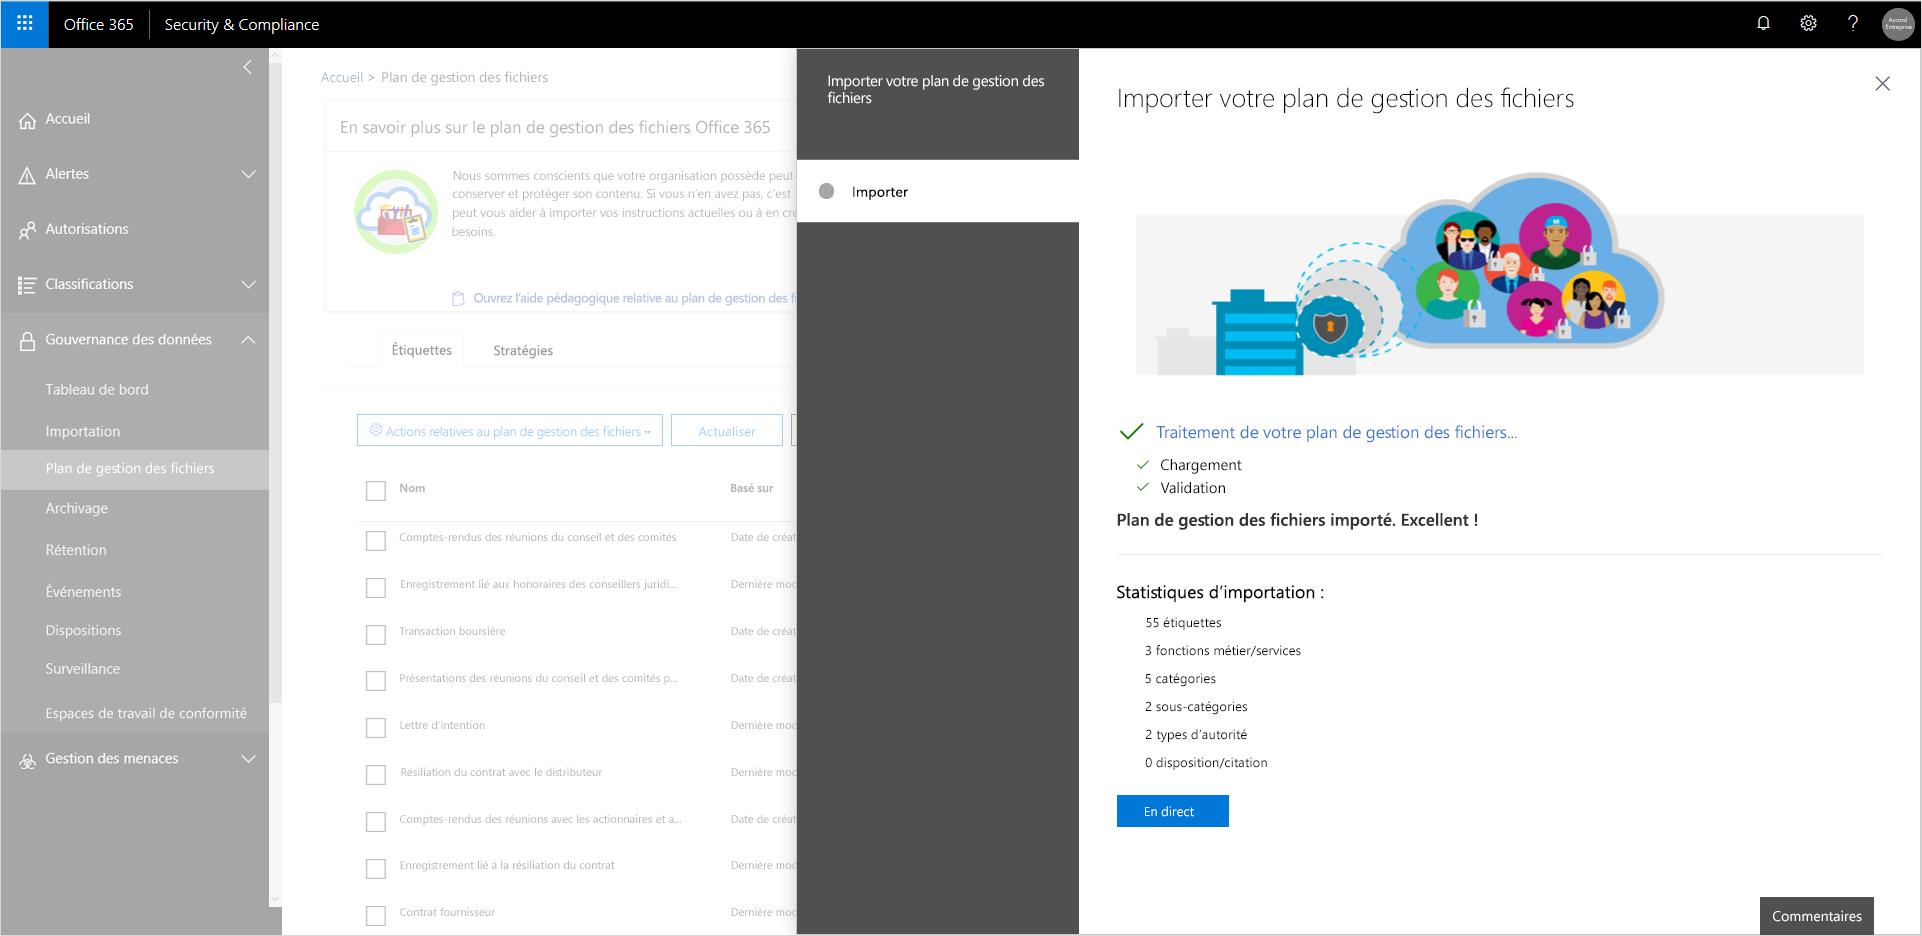 Image montrant une importation de fichier en cours de validation dans Sécurité et conformité.